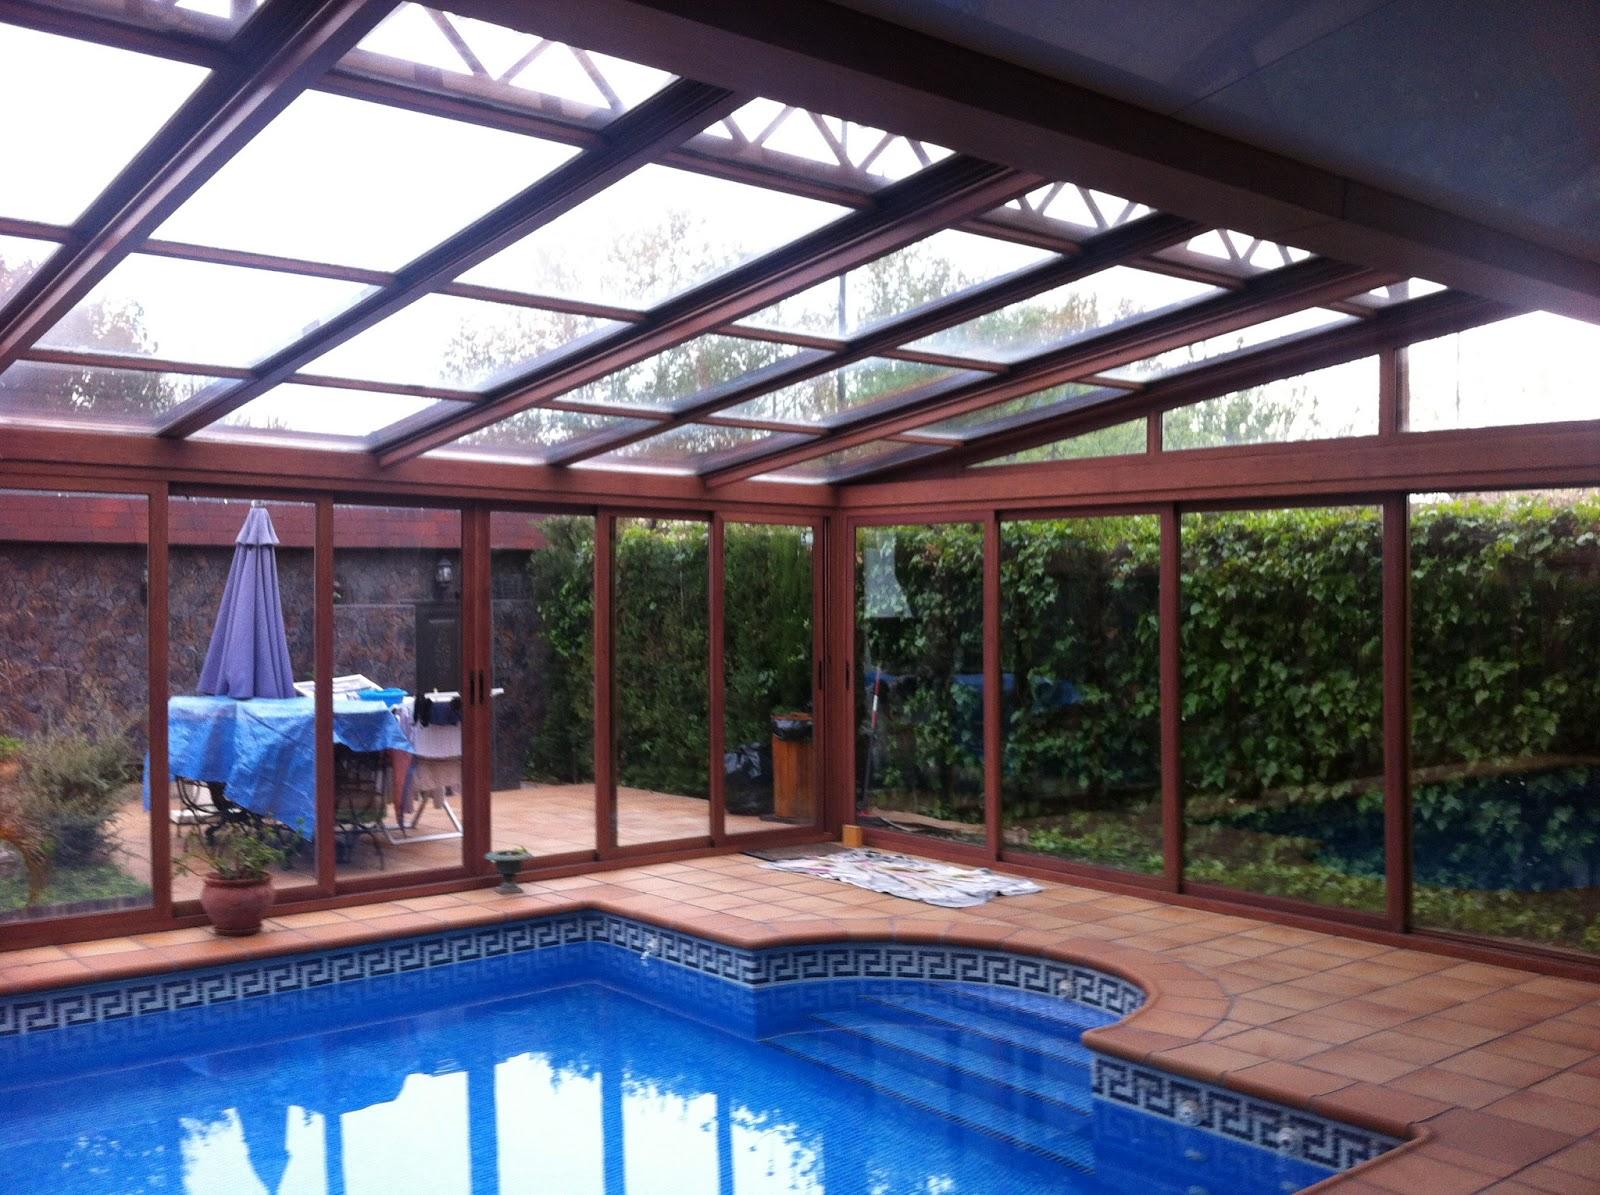 Fotos de cerramientos para piscinas cosmoval - Piscina de cristal ...